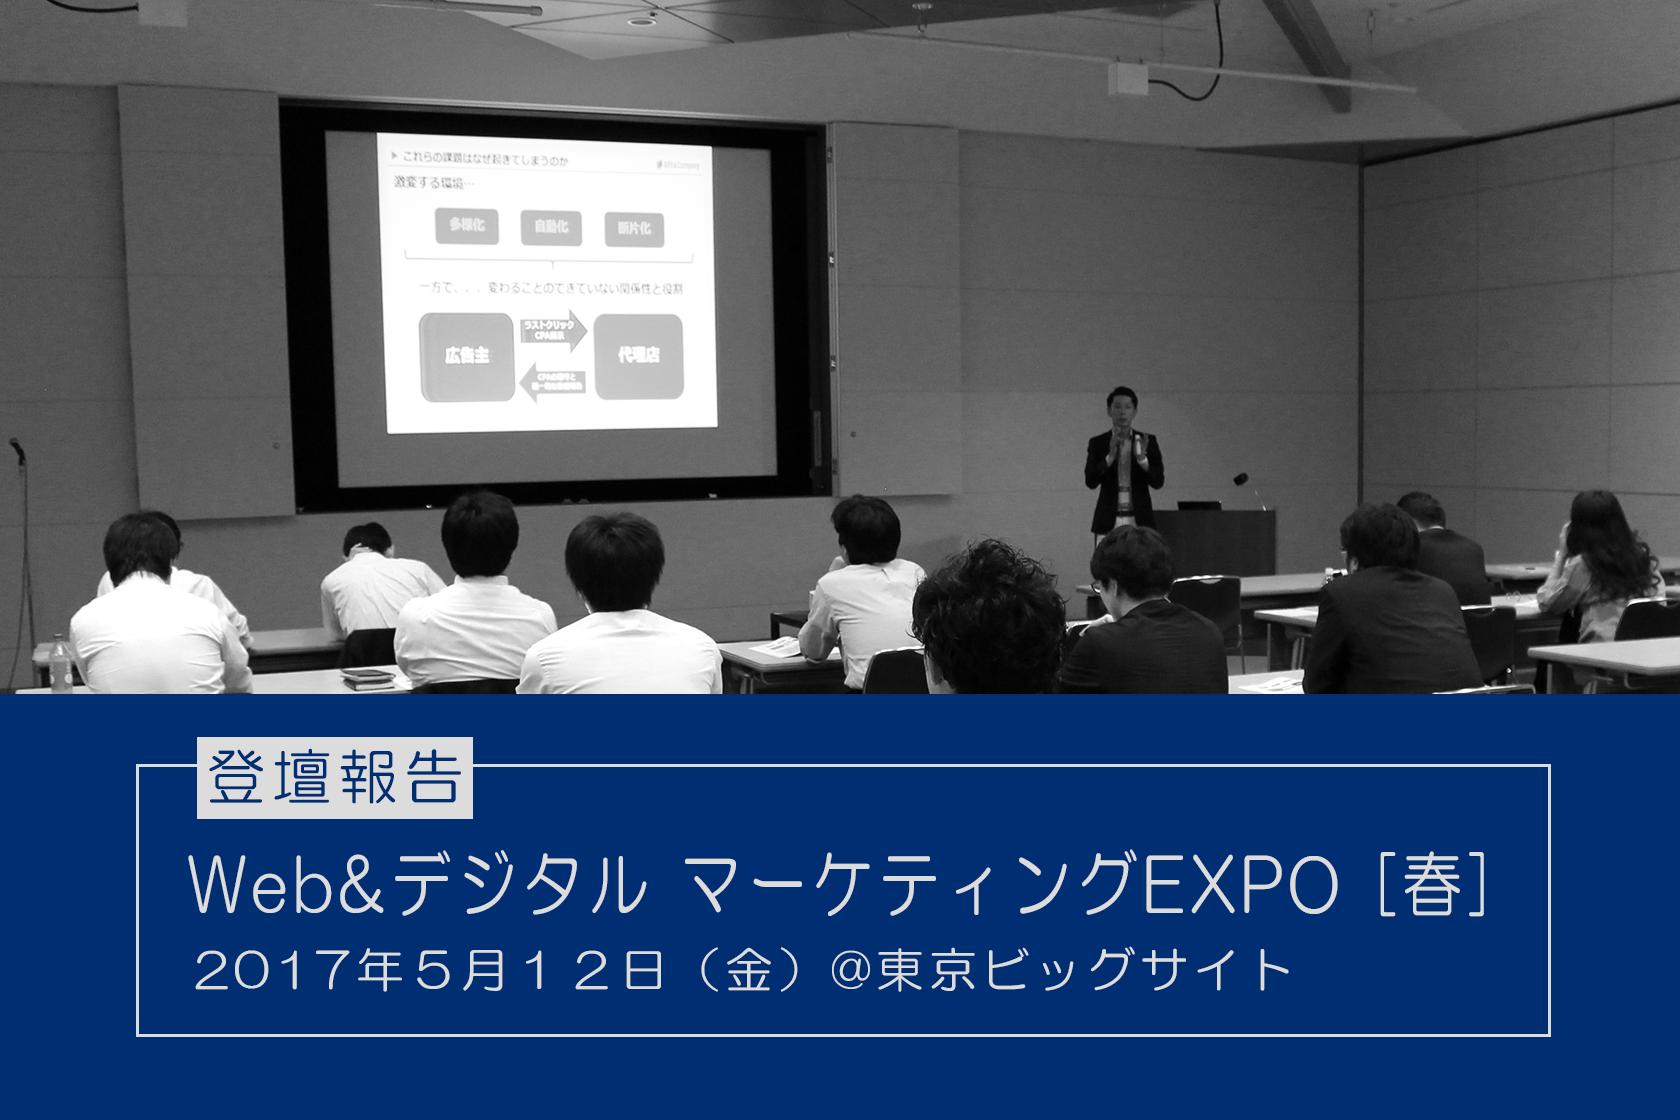 『Web&デジタル マーケティングEXPO [春]』に登壇しました